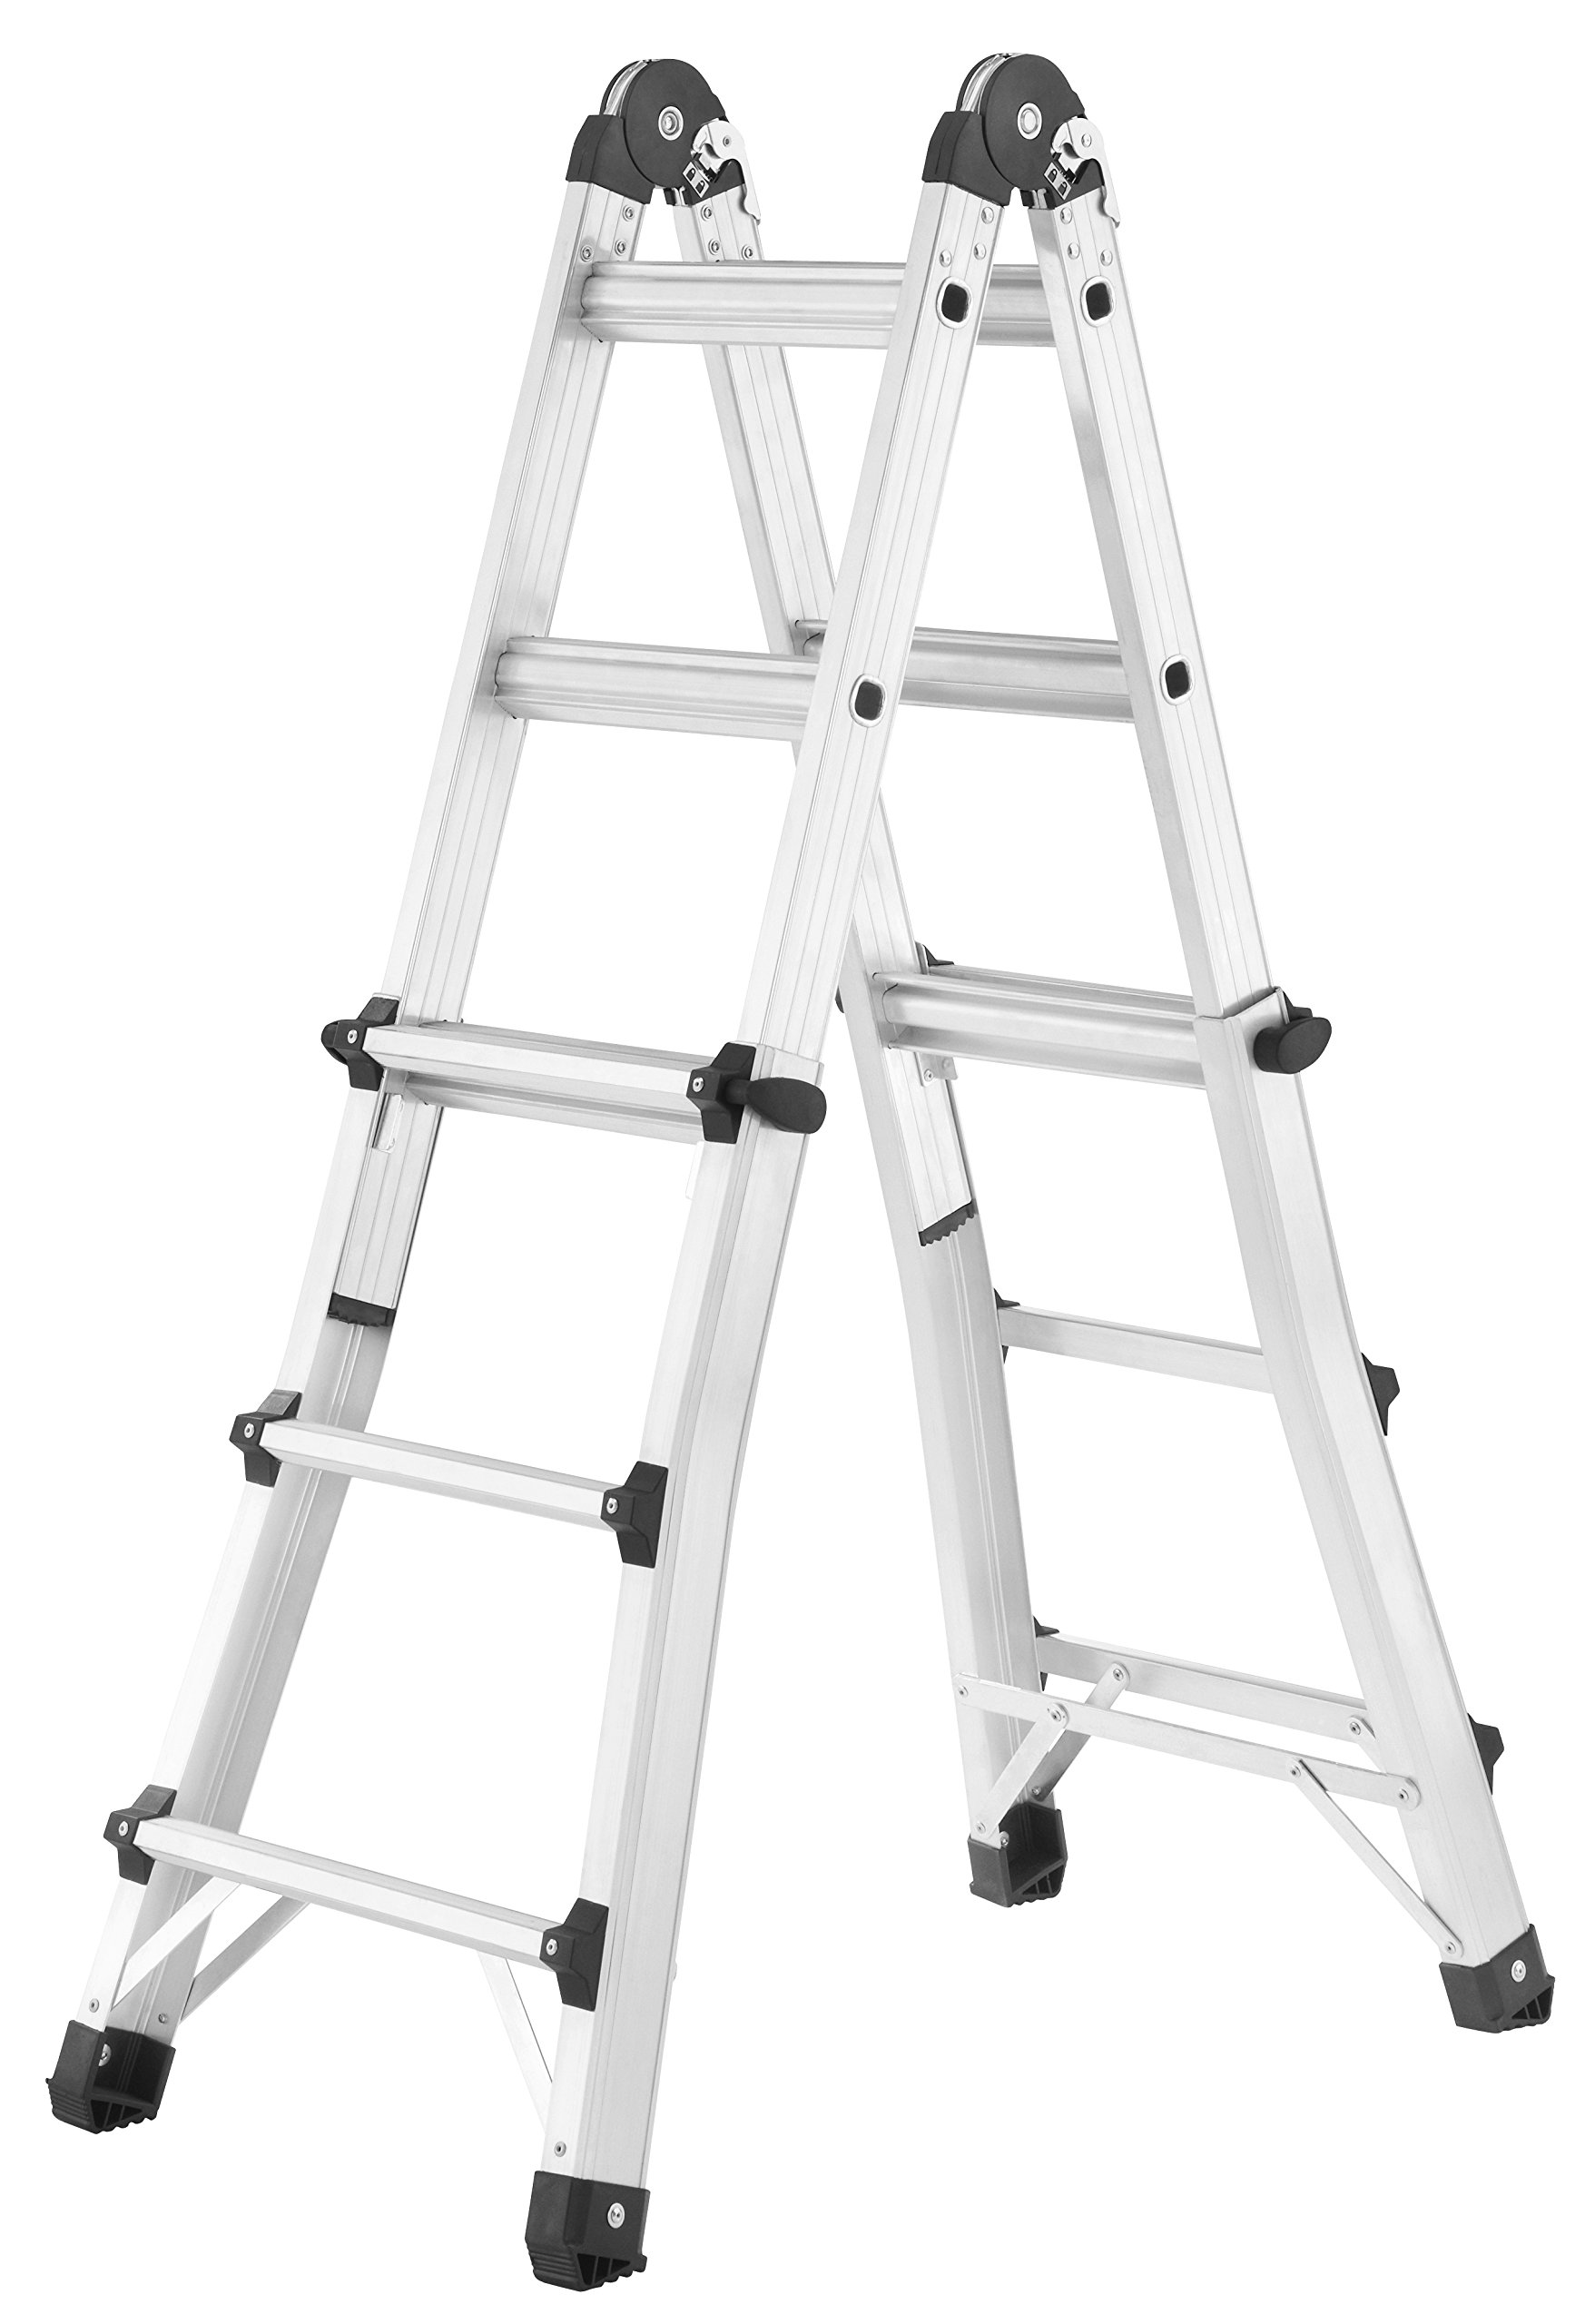 Hailo 7512 – 707 MTL – Escalera telescópica de Multifunción de aluminio, peldaños: 4 x 3: Amazon.es: Bricolaje y herramientas